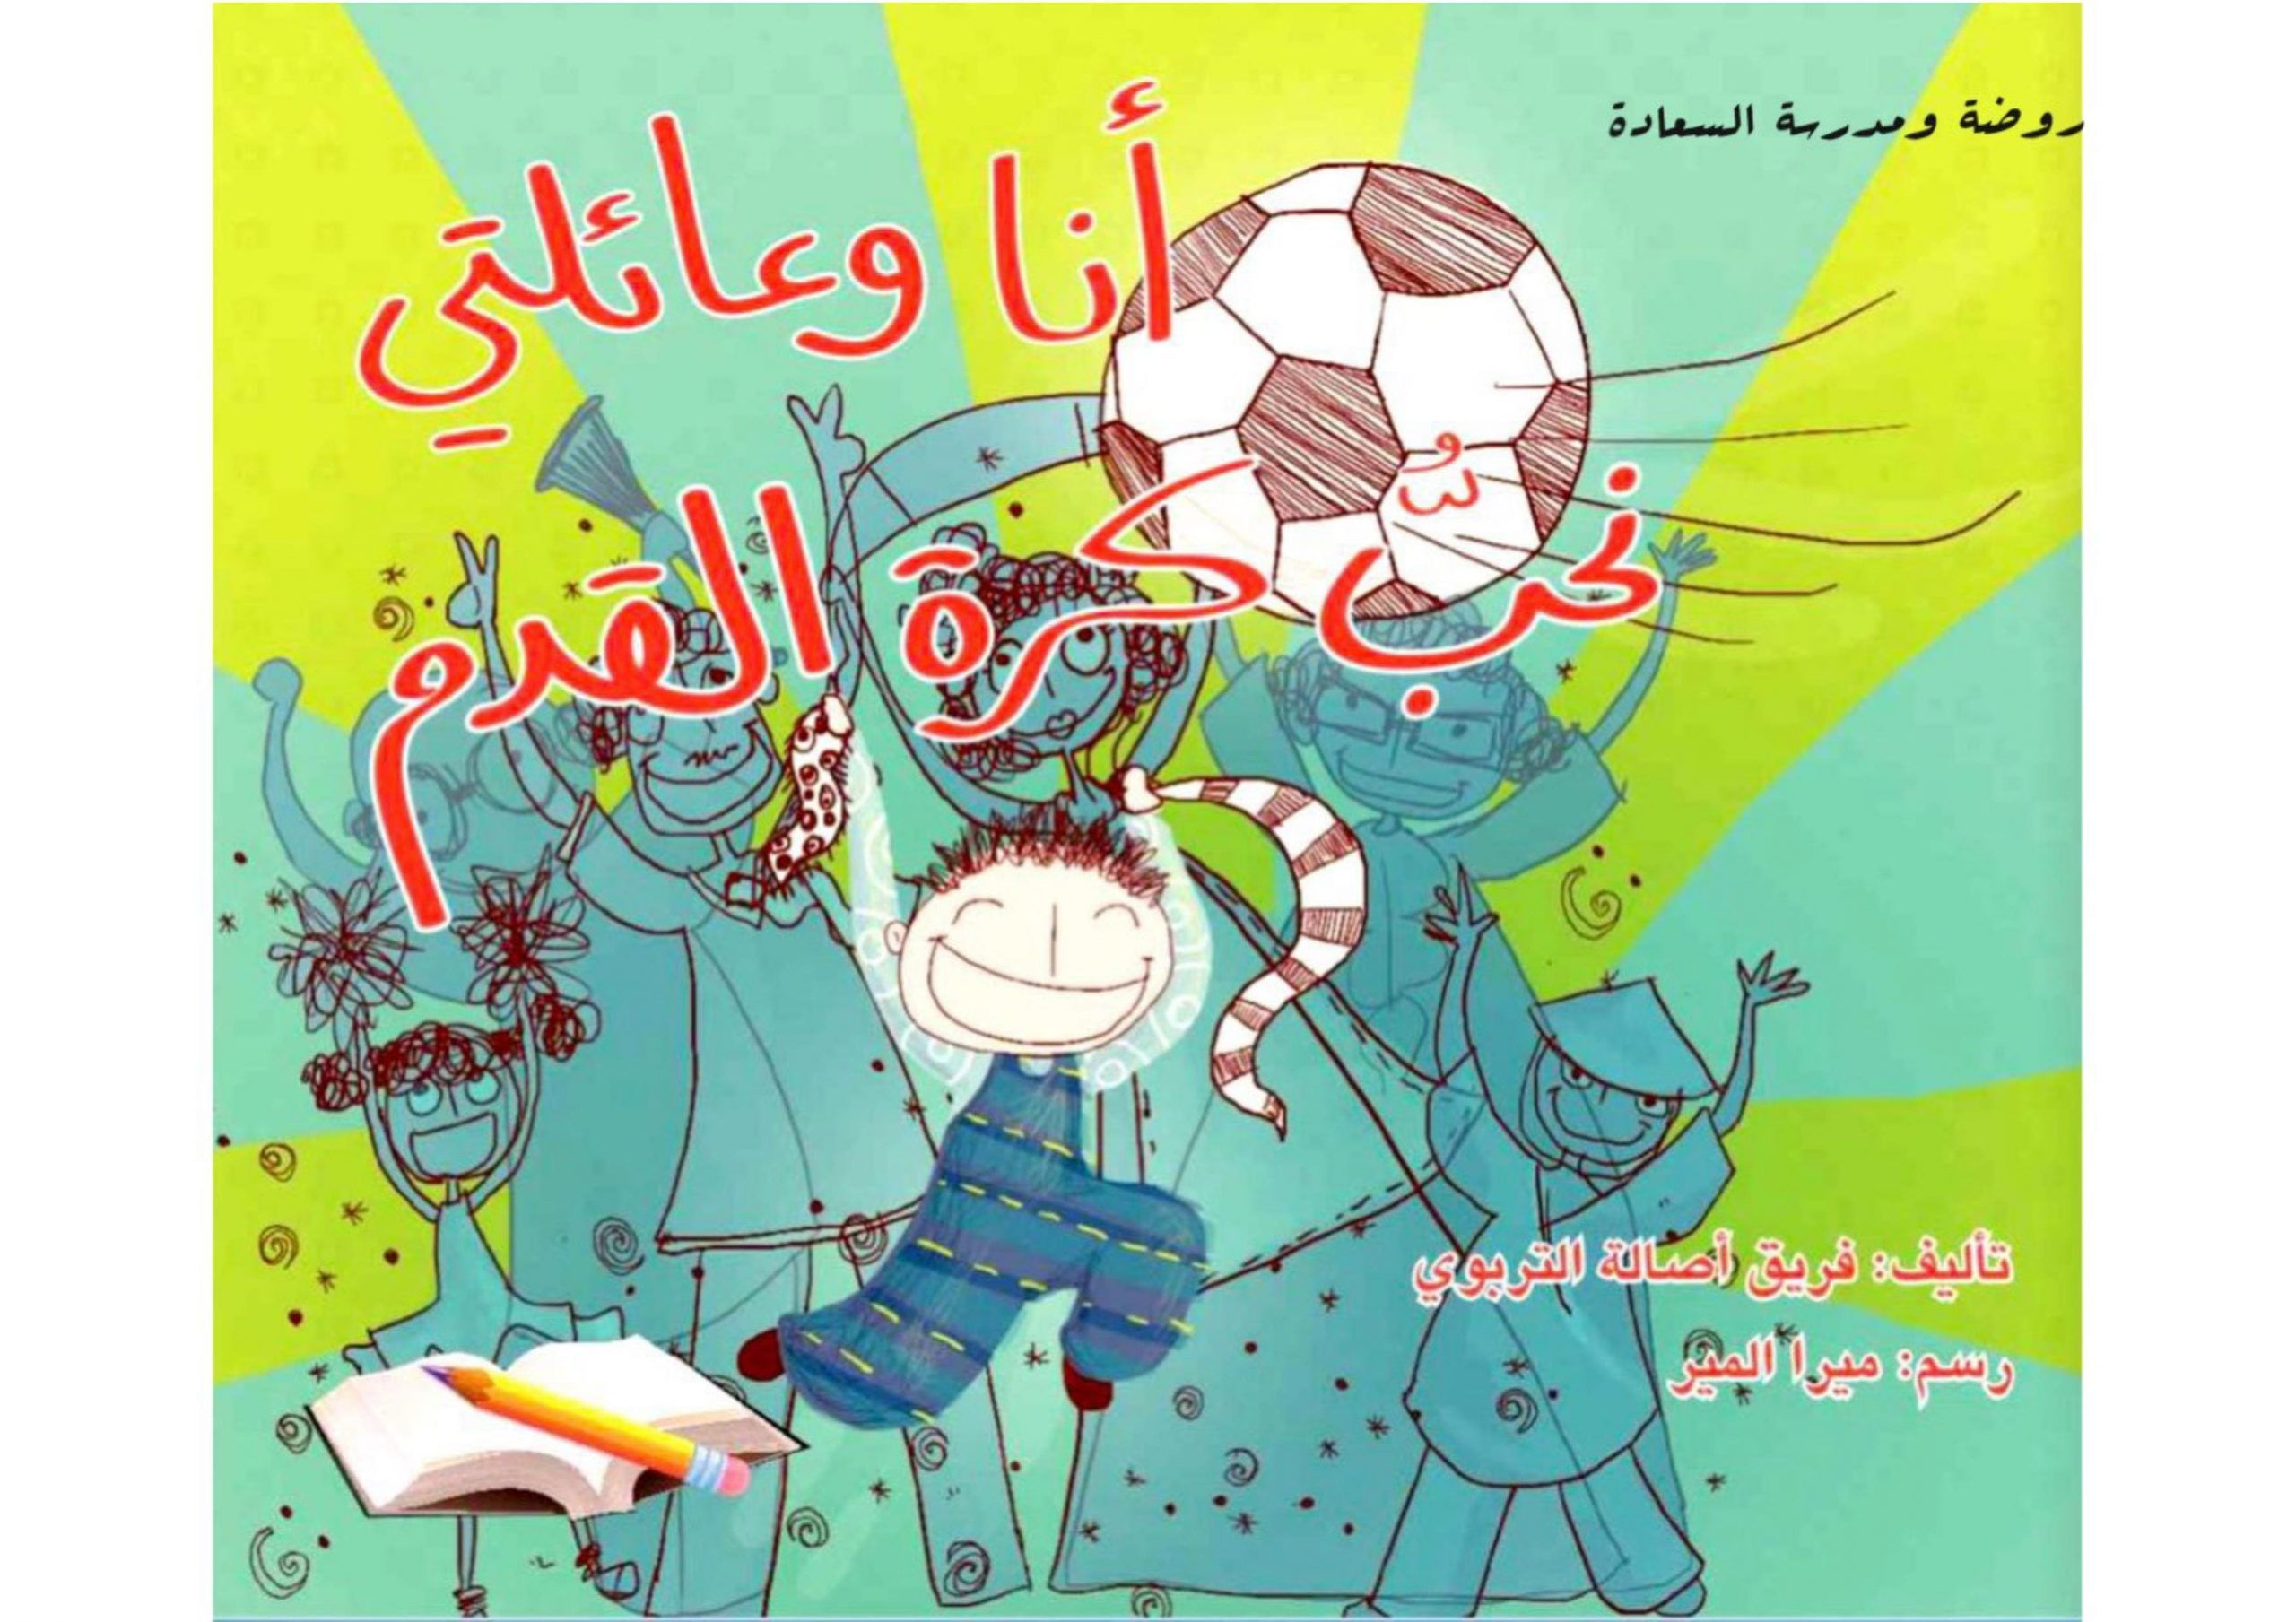 أنا و عائلتي نحب كرة القدم لتعزيز القراءة لدى الاطفال Anime Art